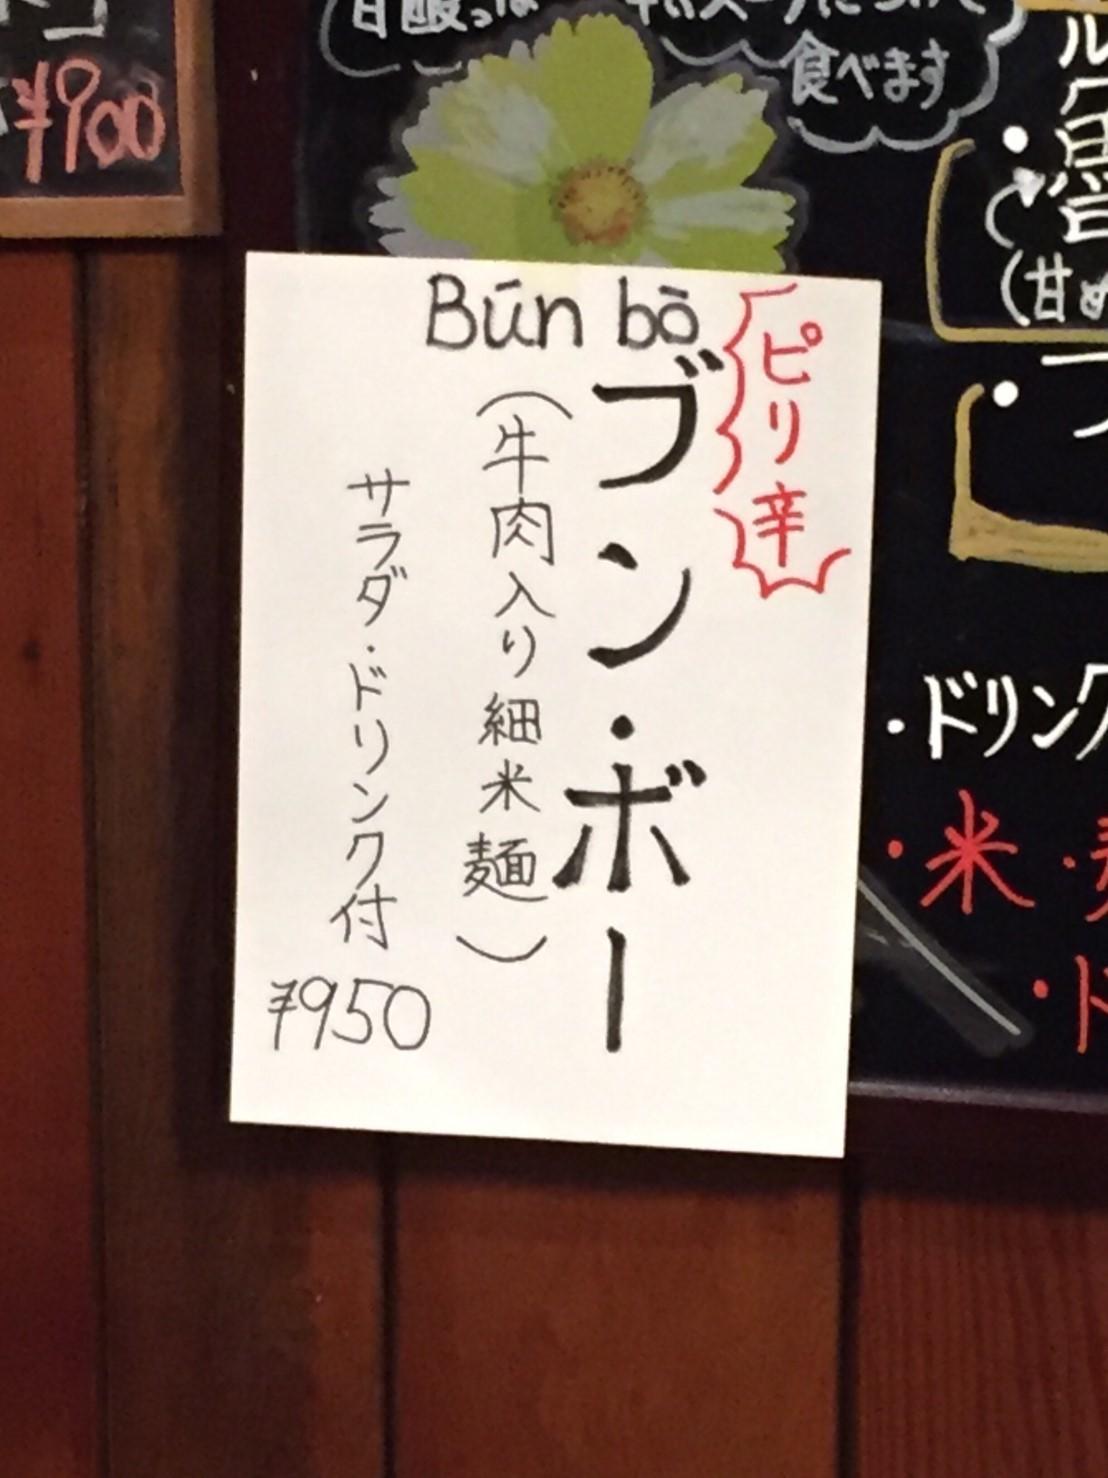 喫茶 1er ぷるみえ (4食限定 豚皿飯)_e0115904_18363545.jpg